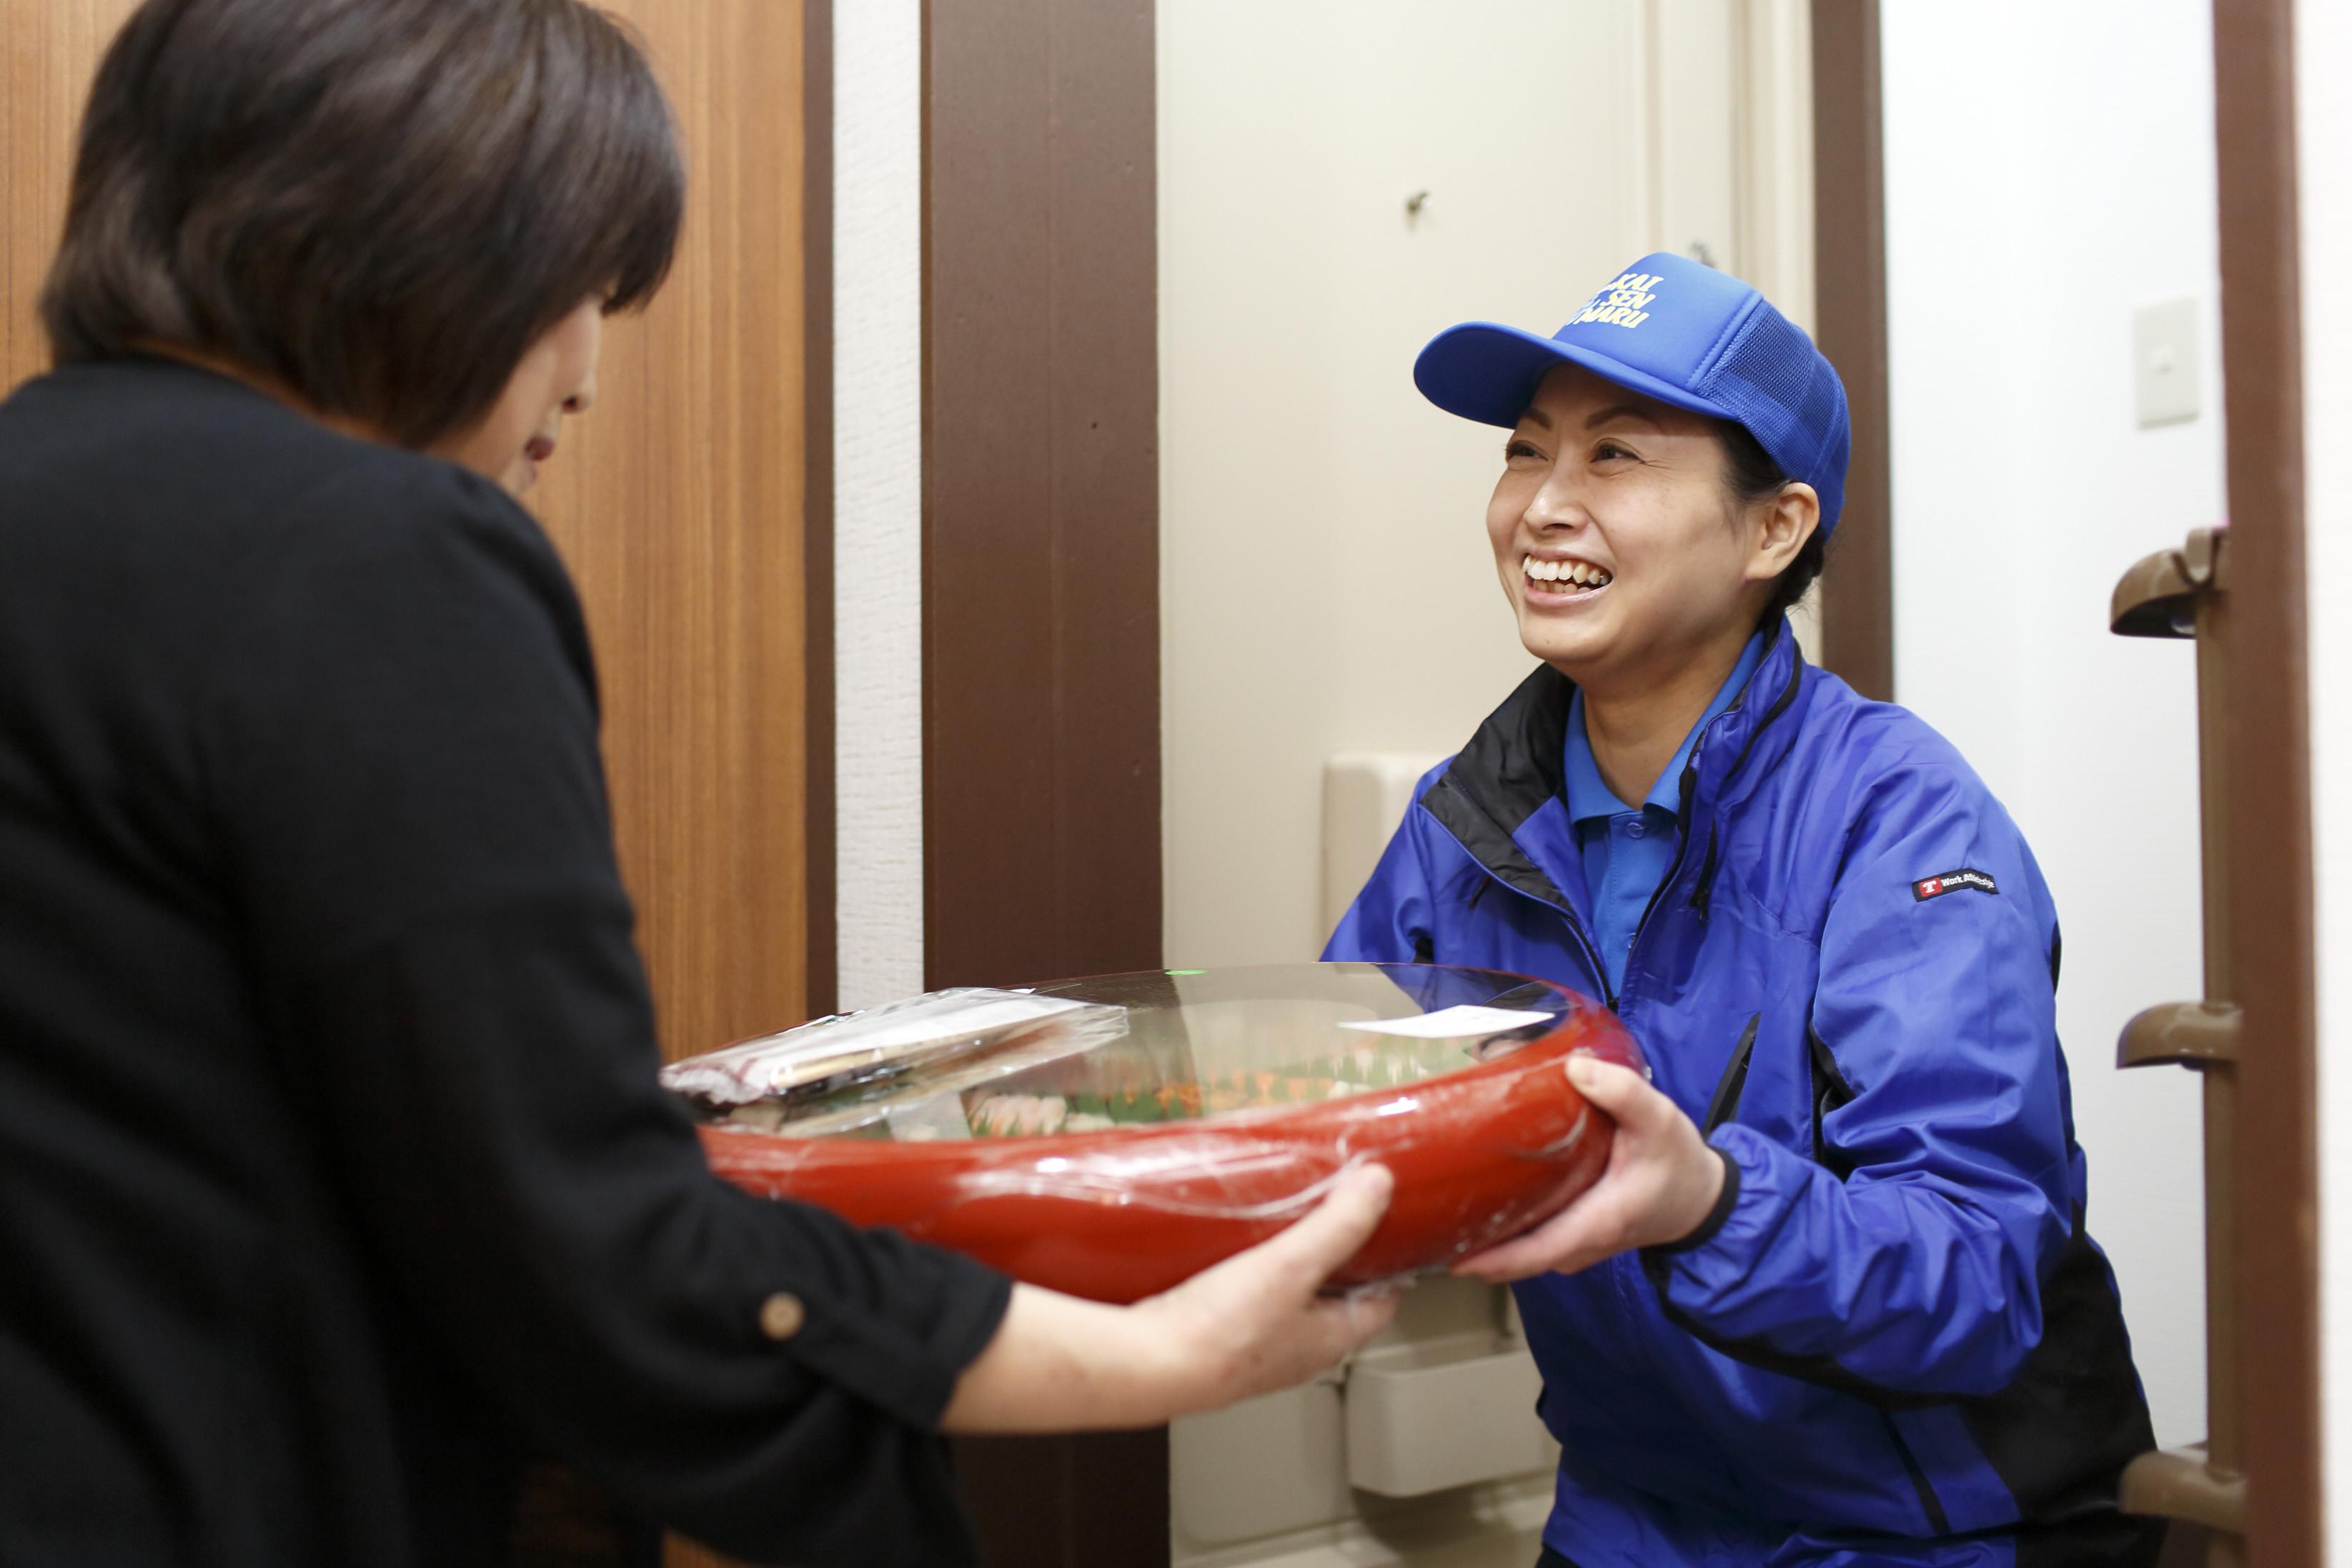 札幌海鮮丸 豊岡店 デリバリー(配達)スタッフのアルバイト情報